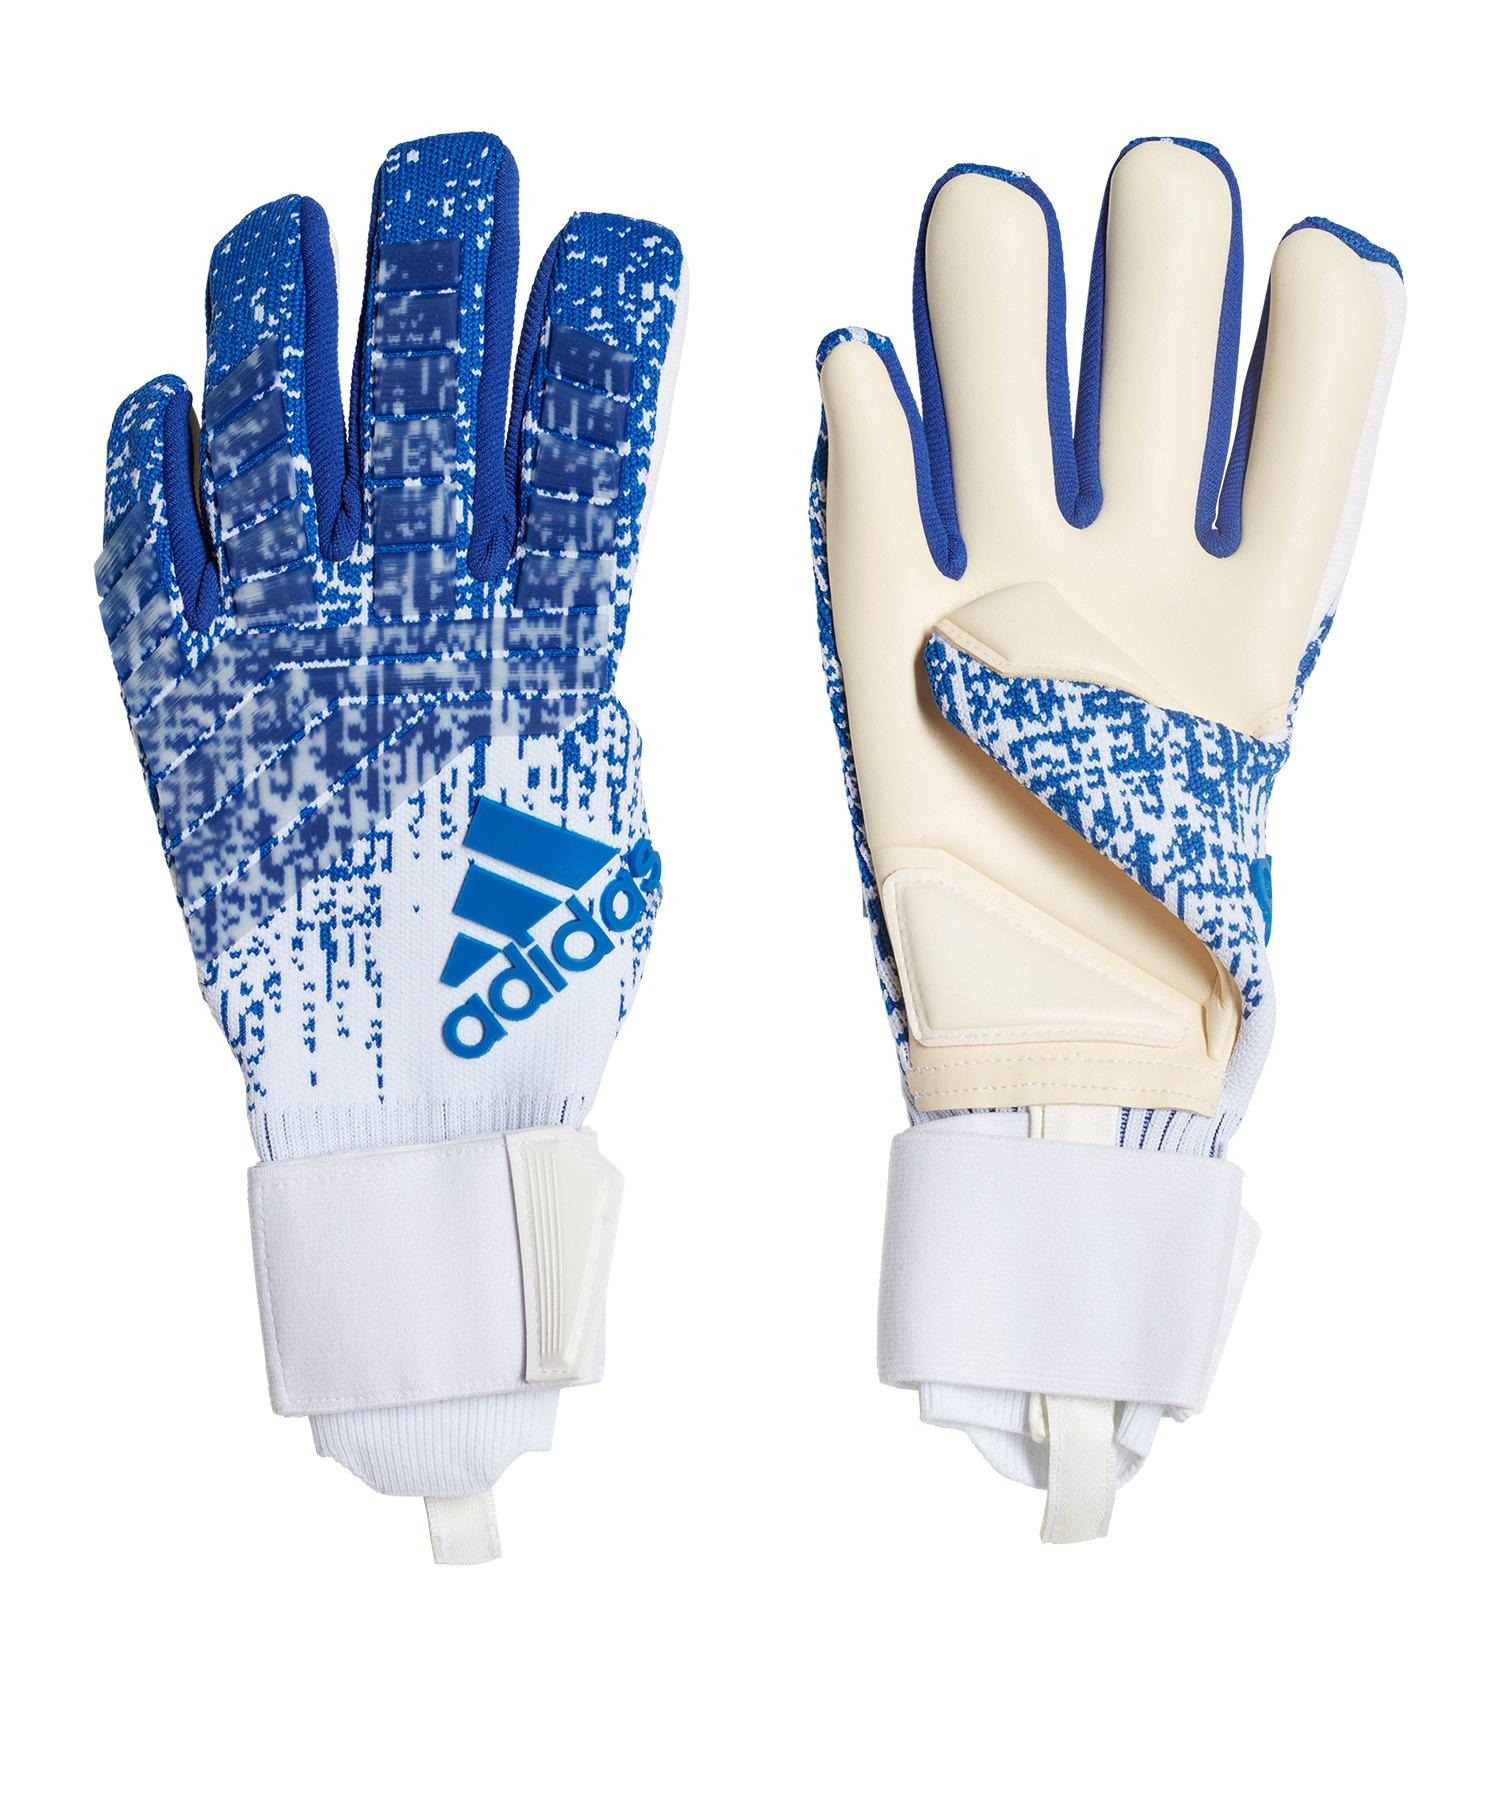 adidas Predator Pro Purecontrol TW-Handschuh Blau - blau